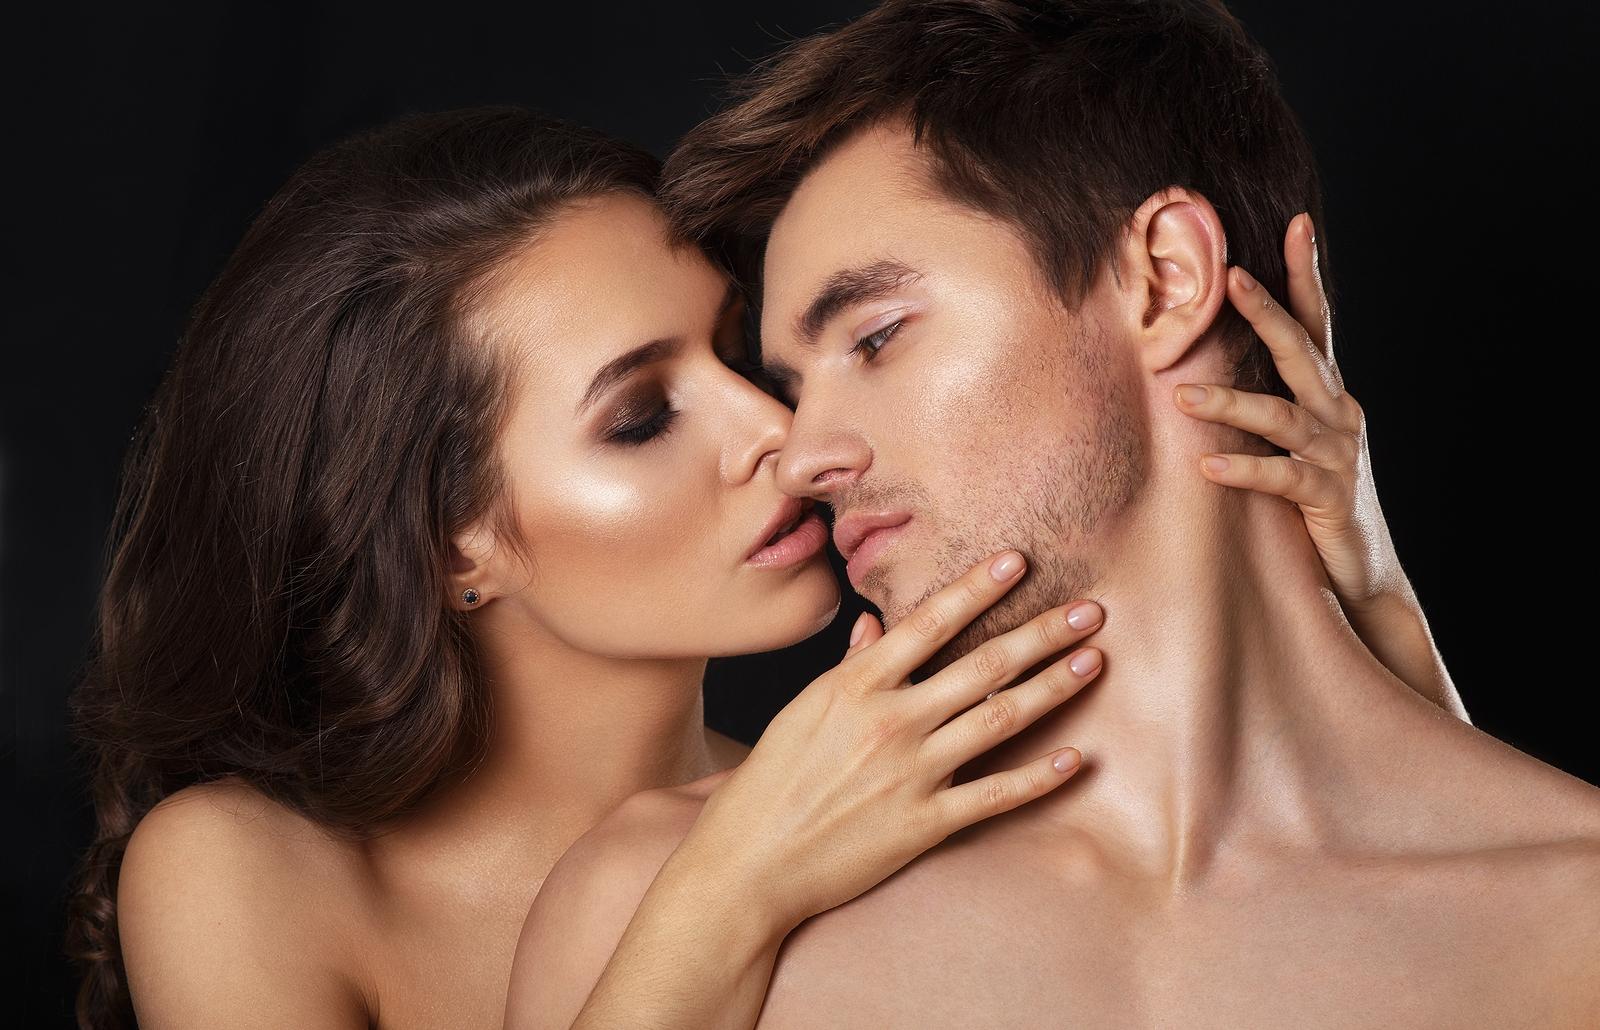 Disfunzioni sessuali femminili e difficoltà di orgasmo col partner.